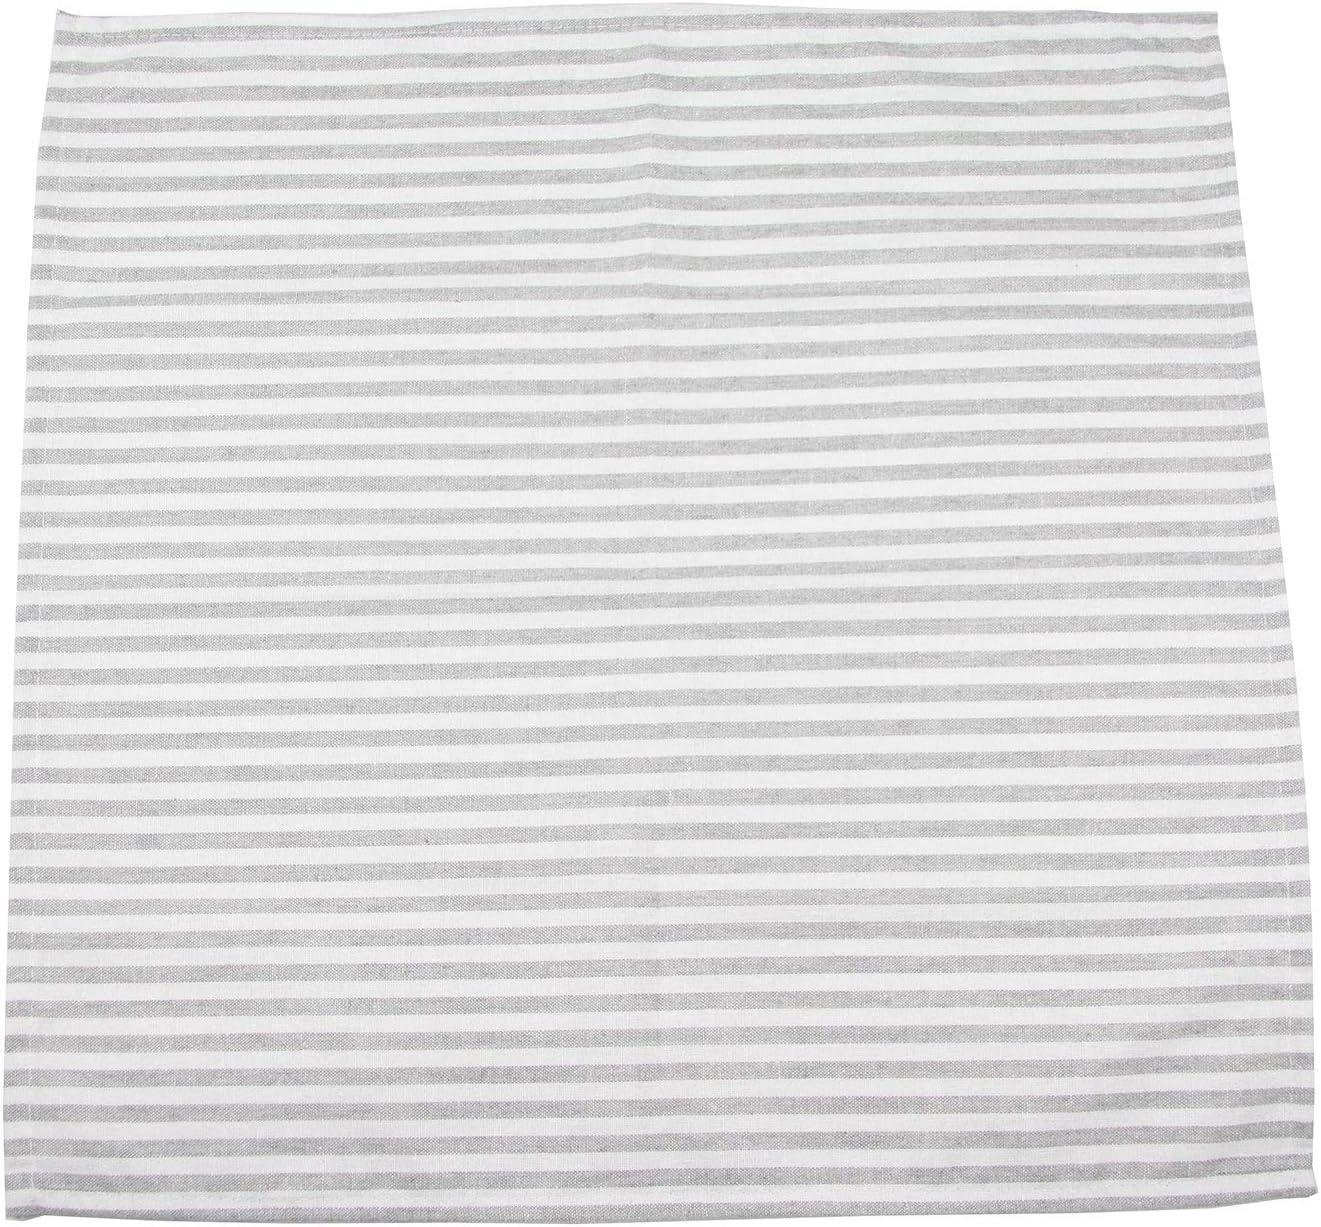 Grau INFEI Weich Einfach Gestreift Leinen Baumwolle Abendessen Cloth Servietten f/ür Veranstaltungen und den Heimgebrauch 12 St/ück 17 x 17 Zoll